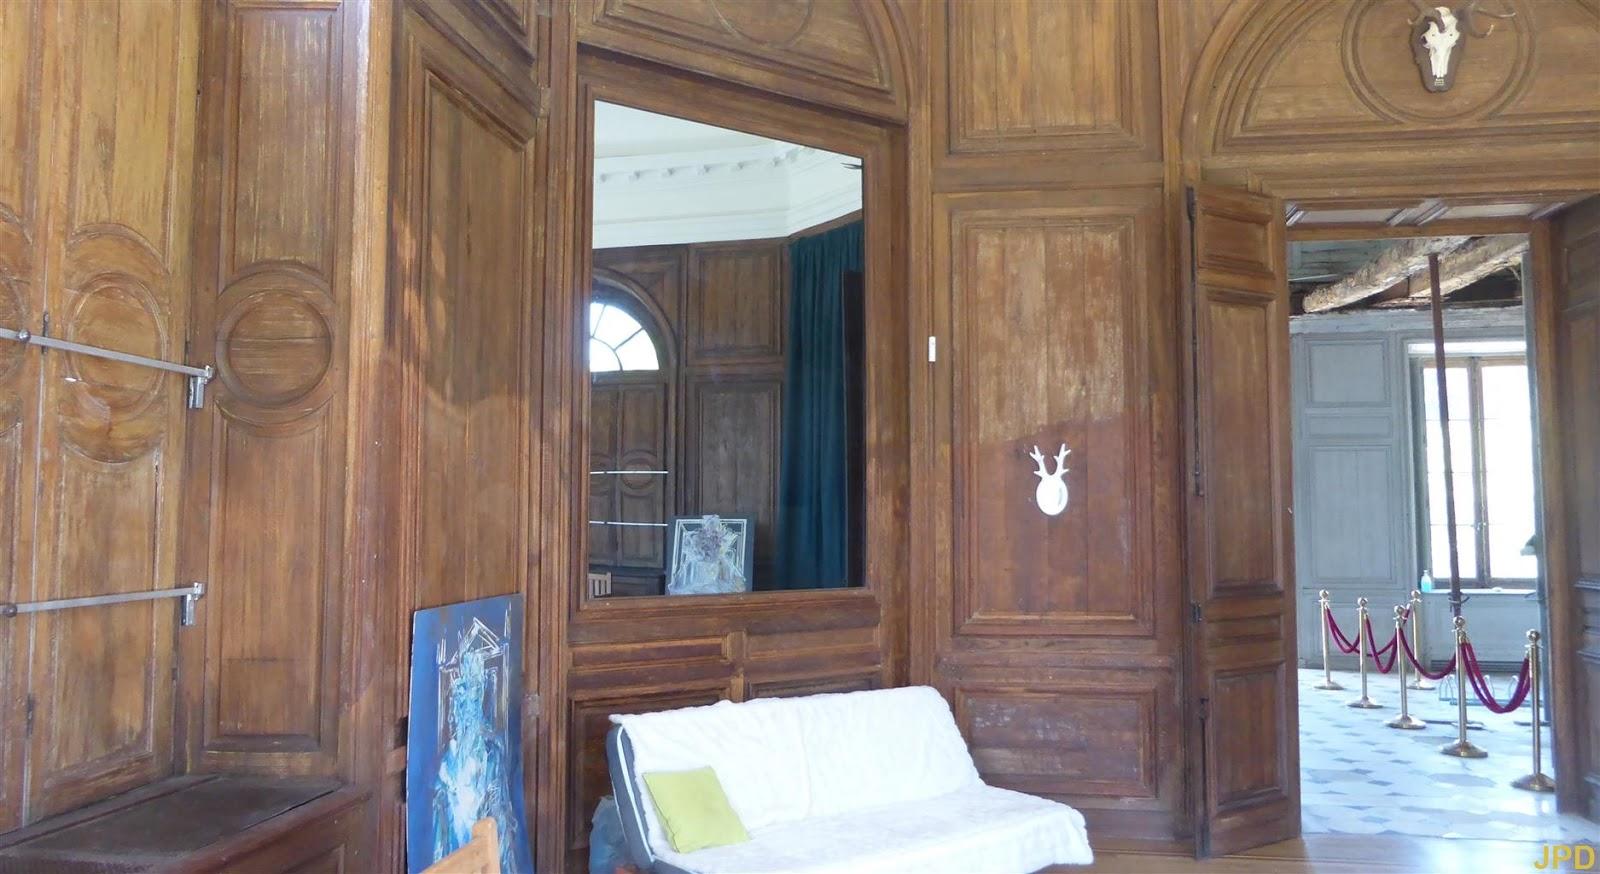 paris bise art pavillon de la muette. Black Bedroom Furniture Sets. Home Design Ideas